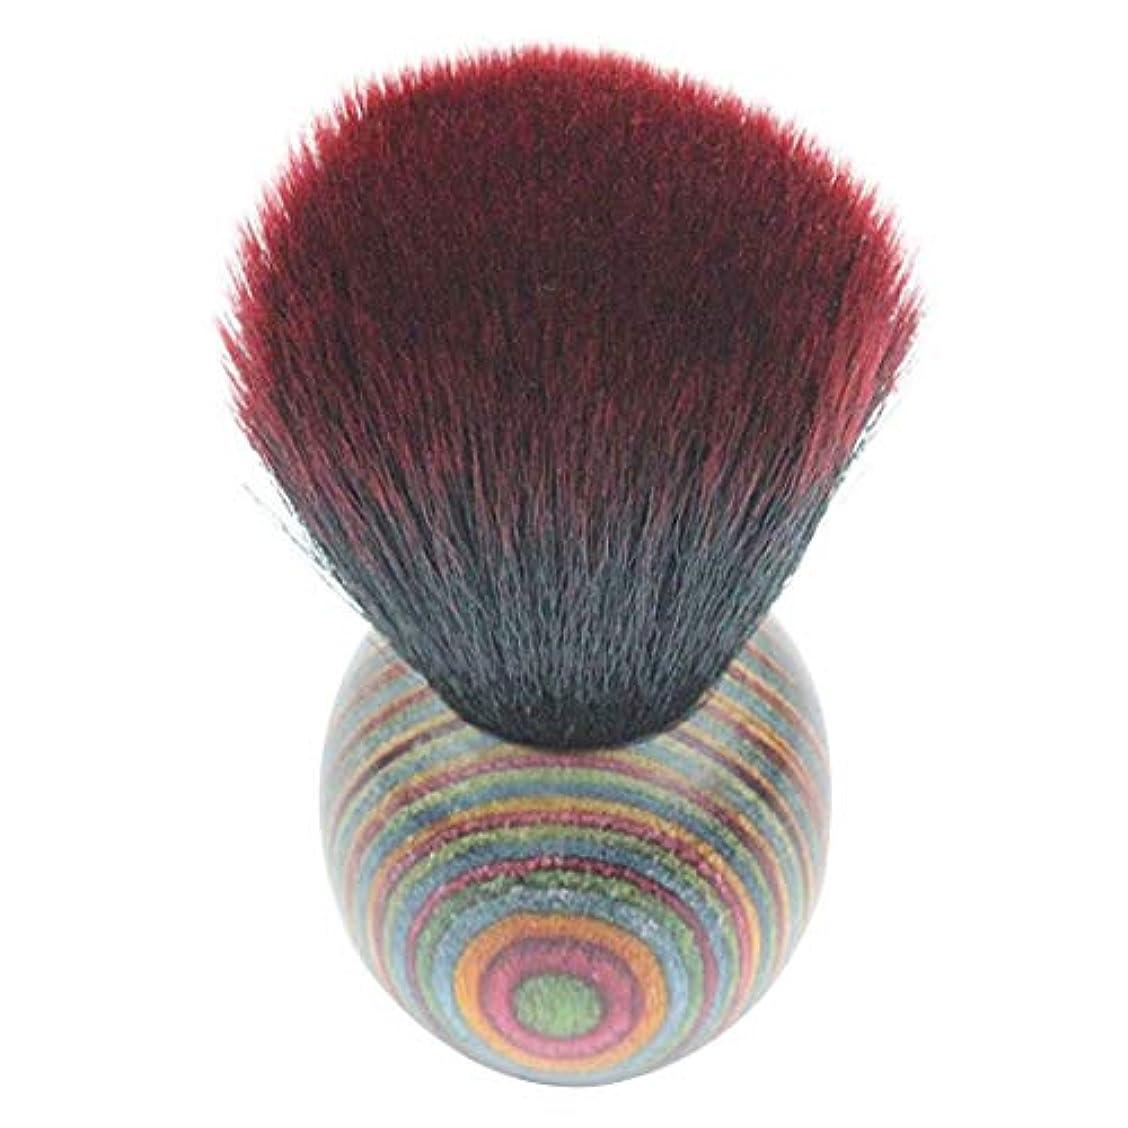 水銀の枠組み込むMEI1JIA QUELLIA最高品質の色ウッドエスニックスタイルフェイスパウダー化粧ブラッシャーブラシ